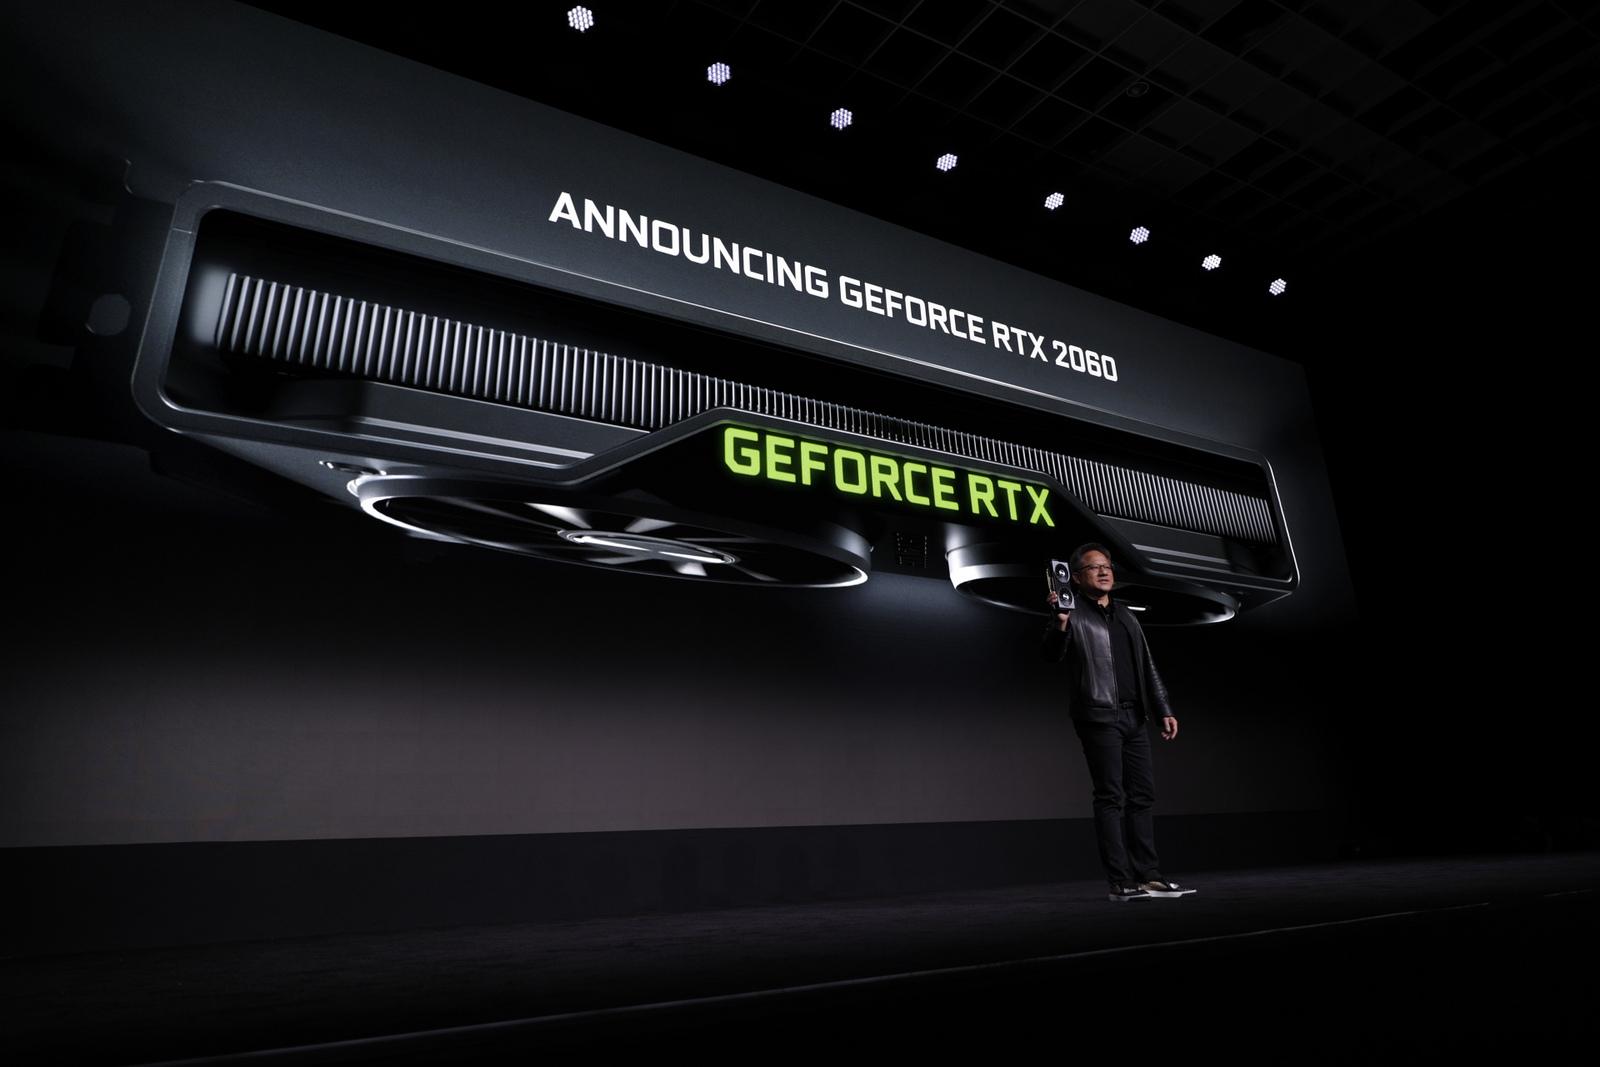 Nvidia GeForce RTX 2060 officialisée à 369 euros : caractéristiques et disponibilité